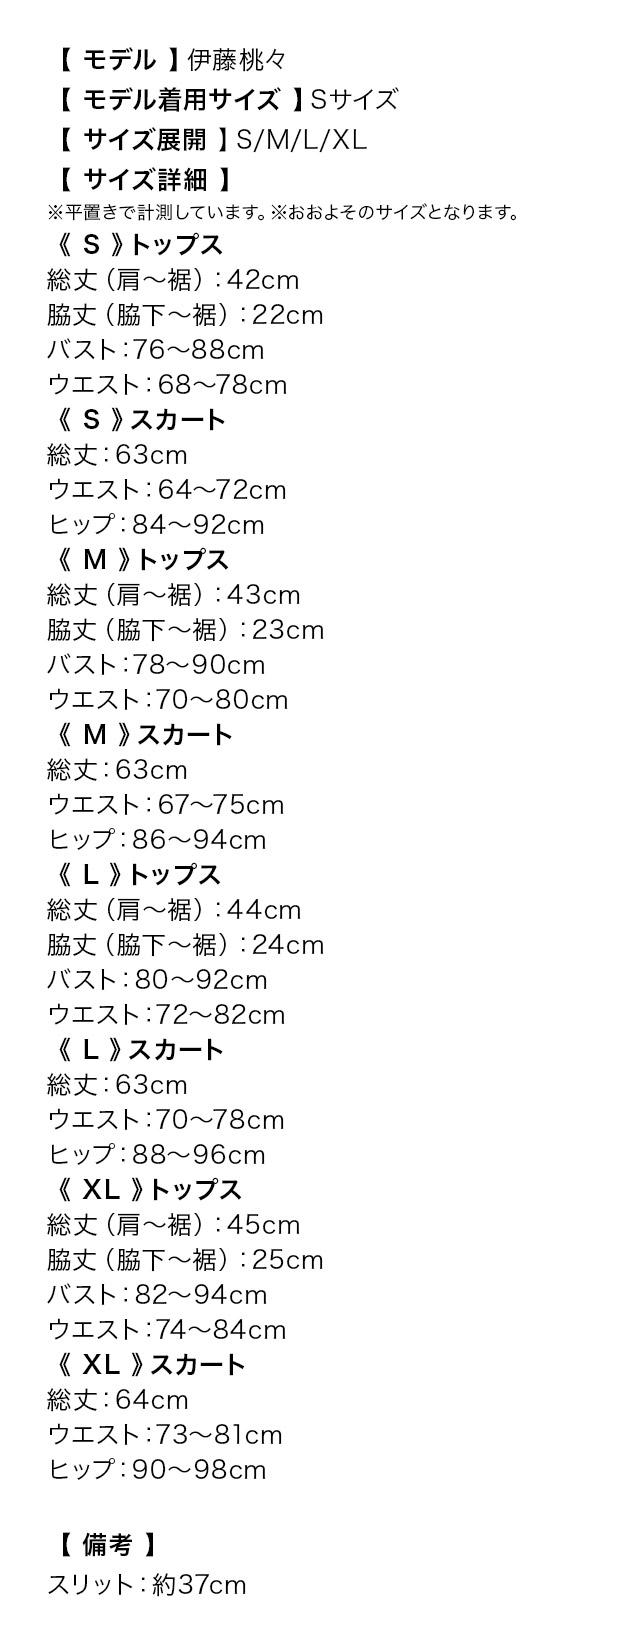 バイカラーデザインツーピースミディ丈ドレスのサイズ表